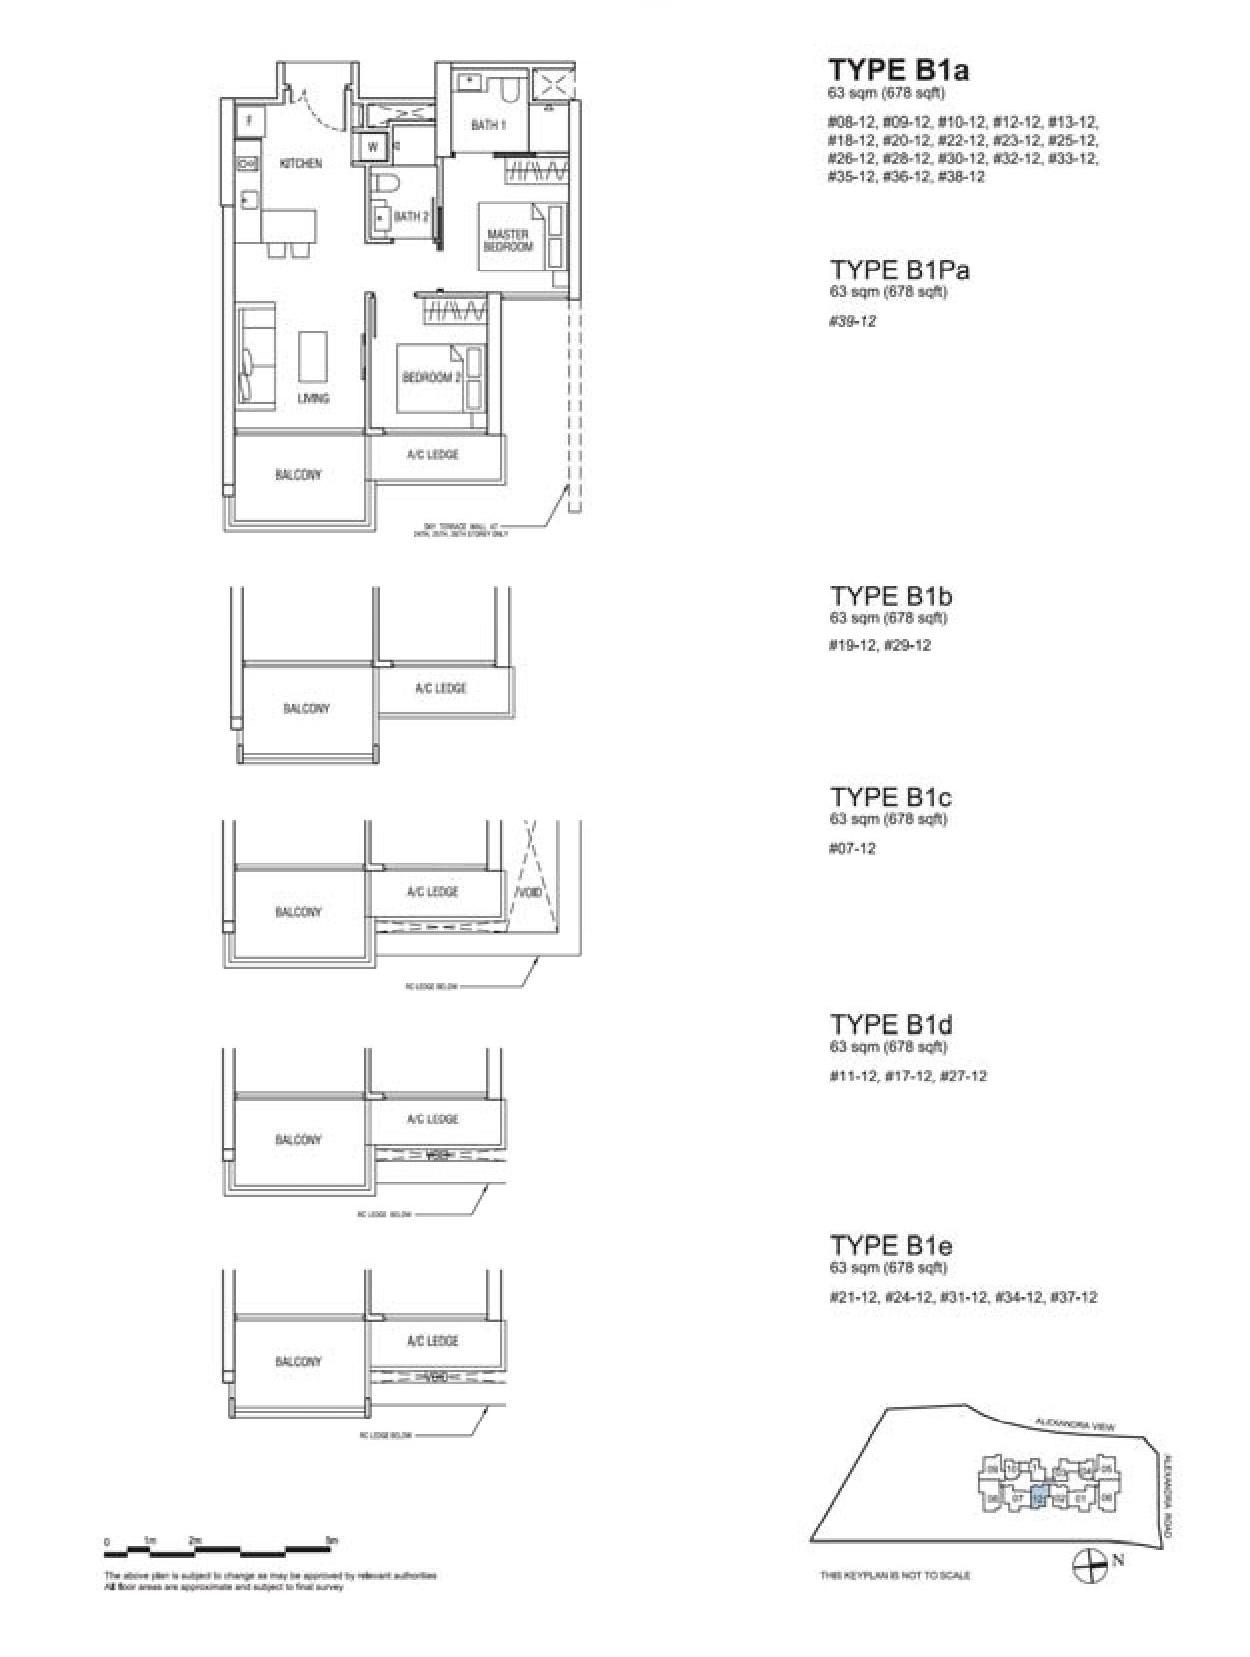 Alex Residences 2 Bedroom Type B1a, B1Pa, B1b, B1c, B1d, B1e Floor Plans